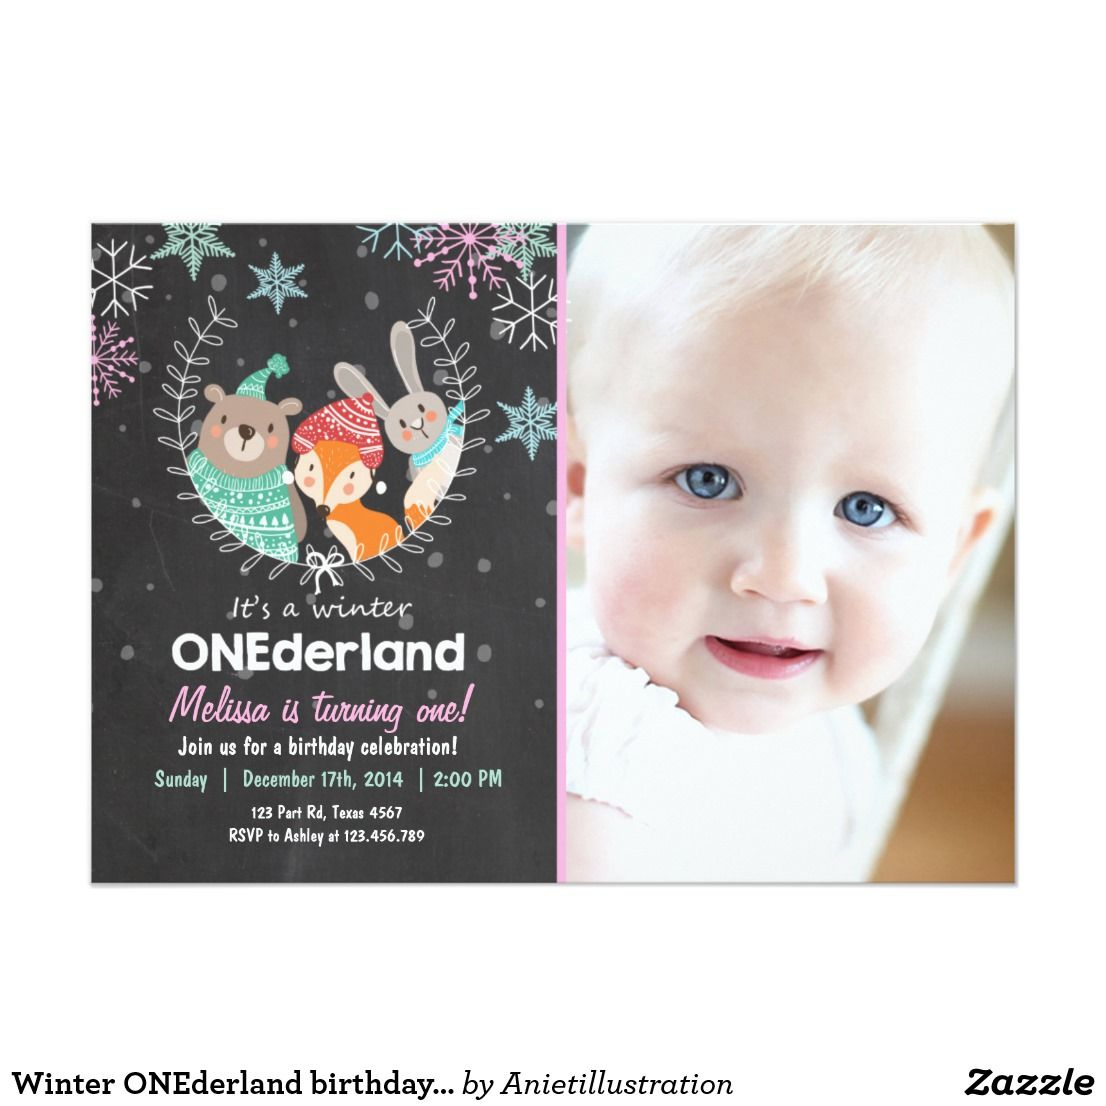 Winter ONEderland birthday party invitation | Winter onederland ...